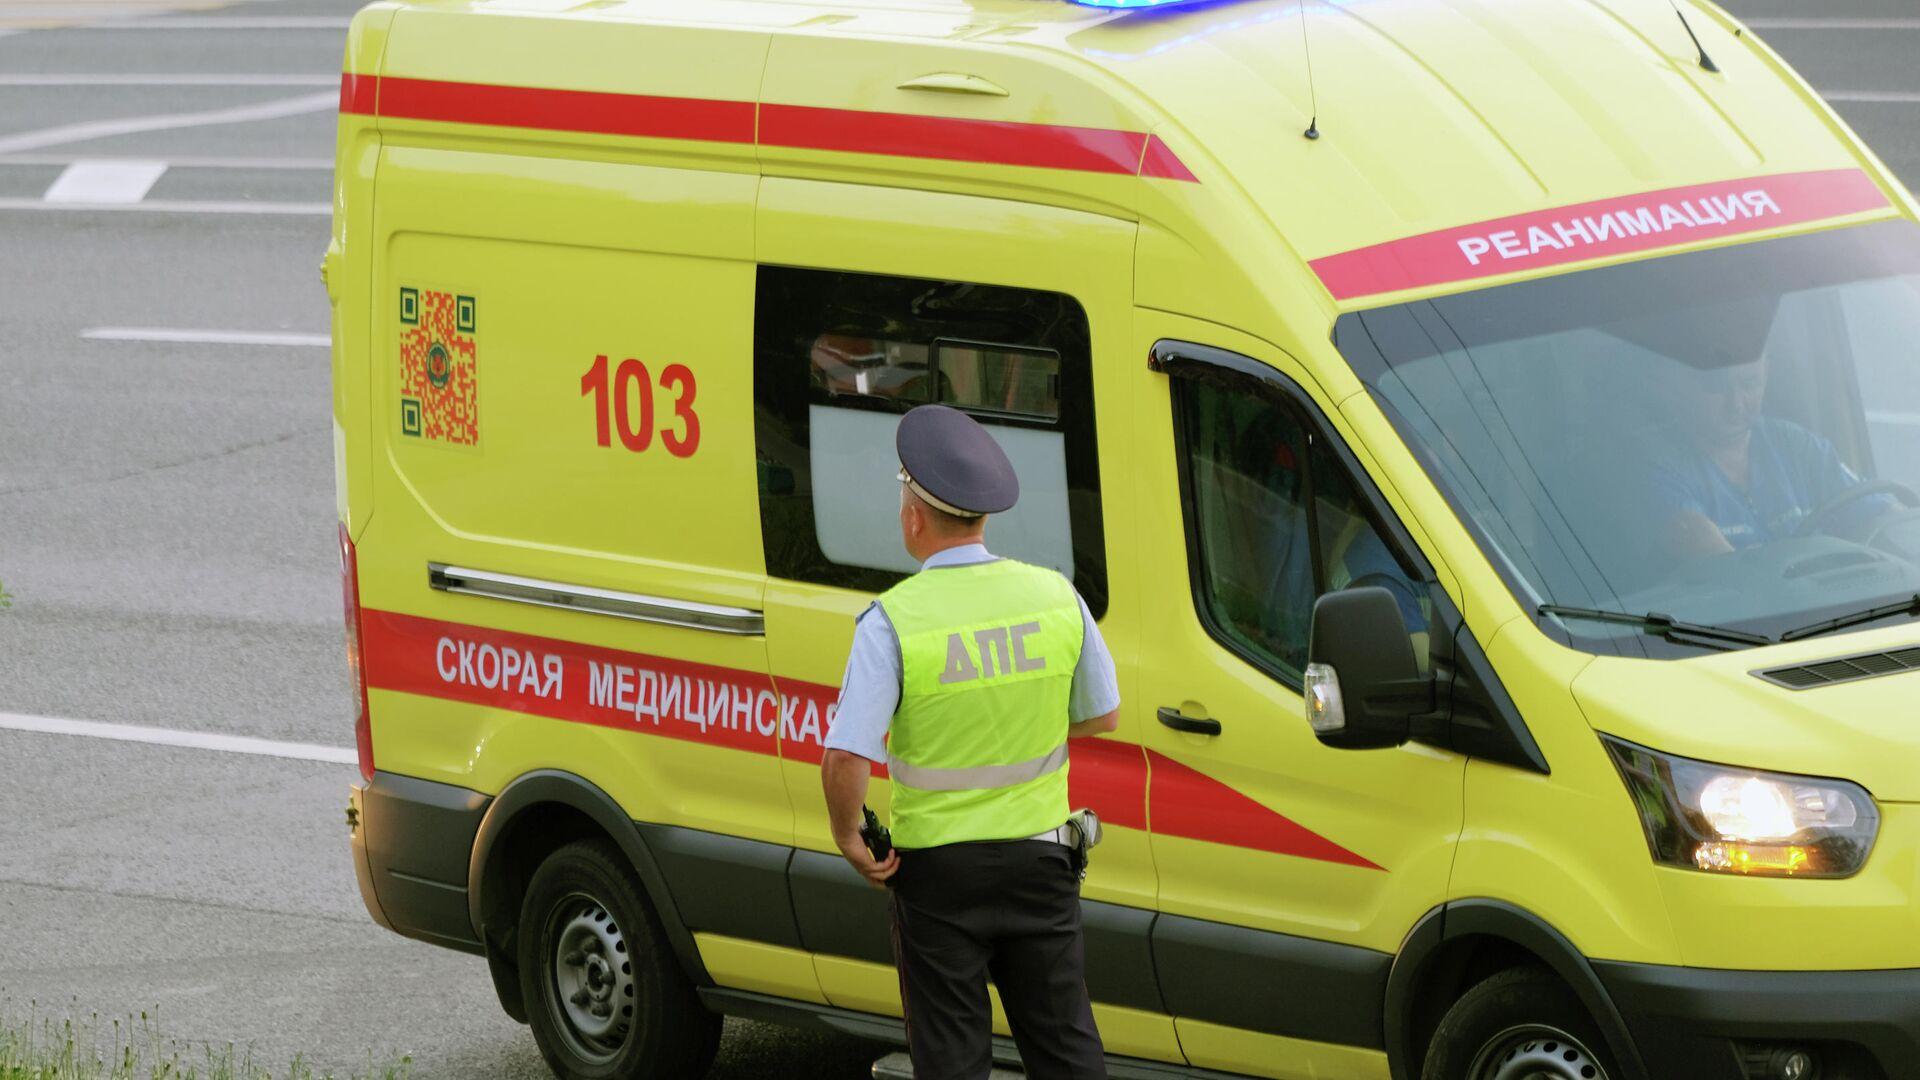 В Свердловской области грузовик задавил полуторагодовалую девочку, залезшую под колесо